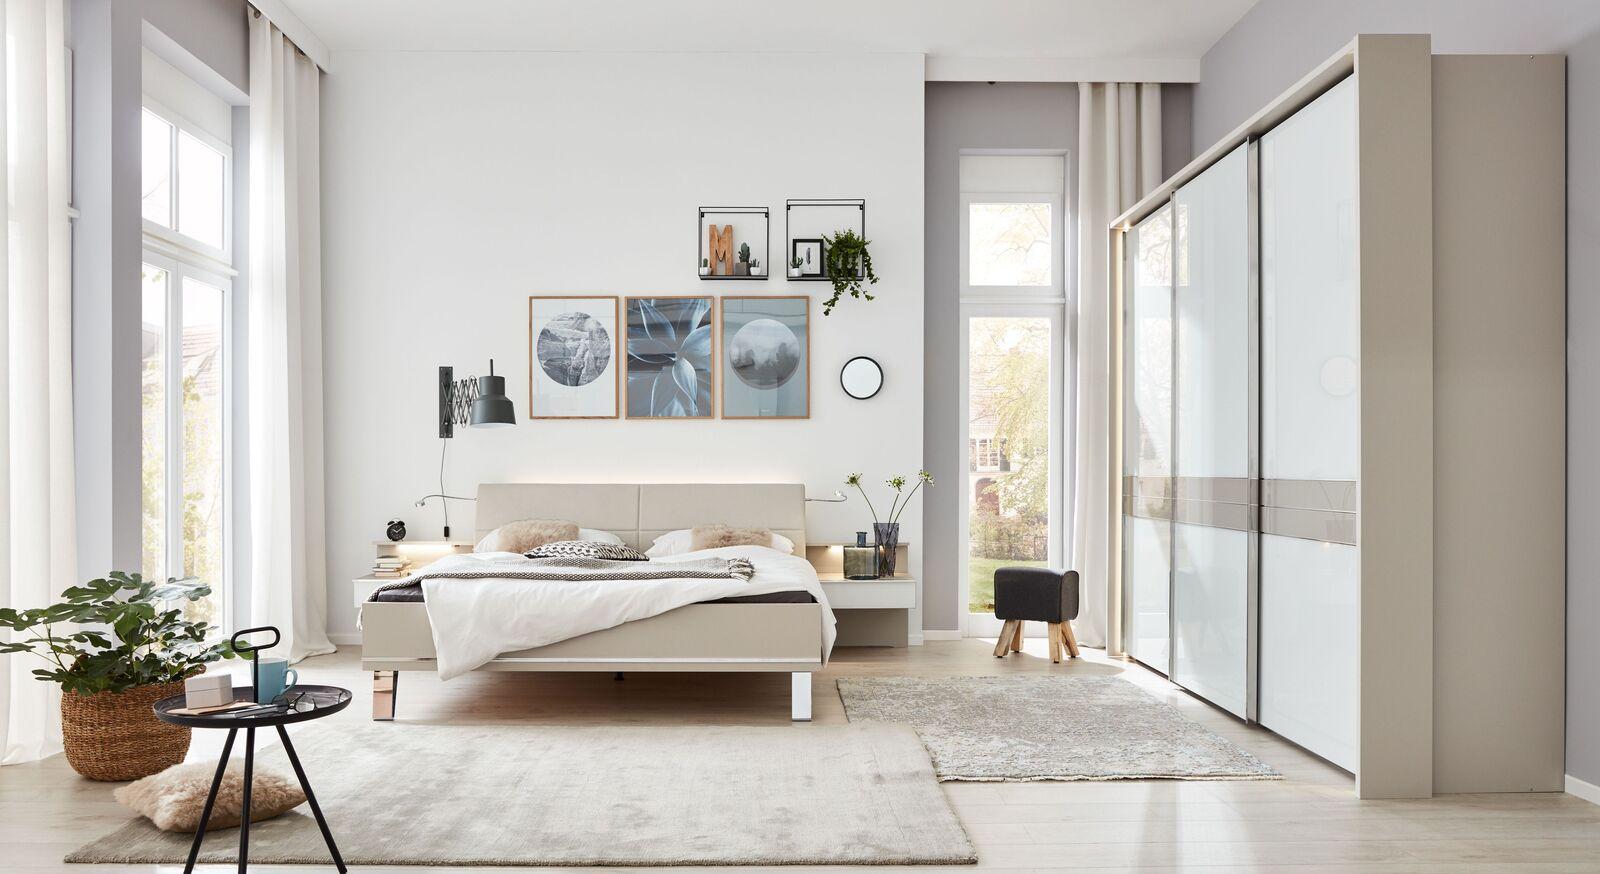 INTERLIVING Schlafzimmer 1009 mit Schwebetuerenschrank und Bett mit Chromfüßen